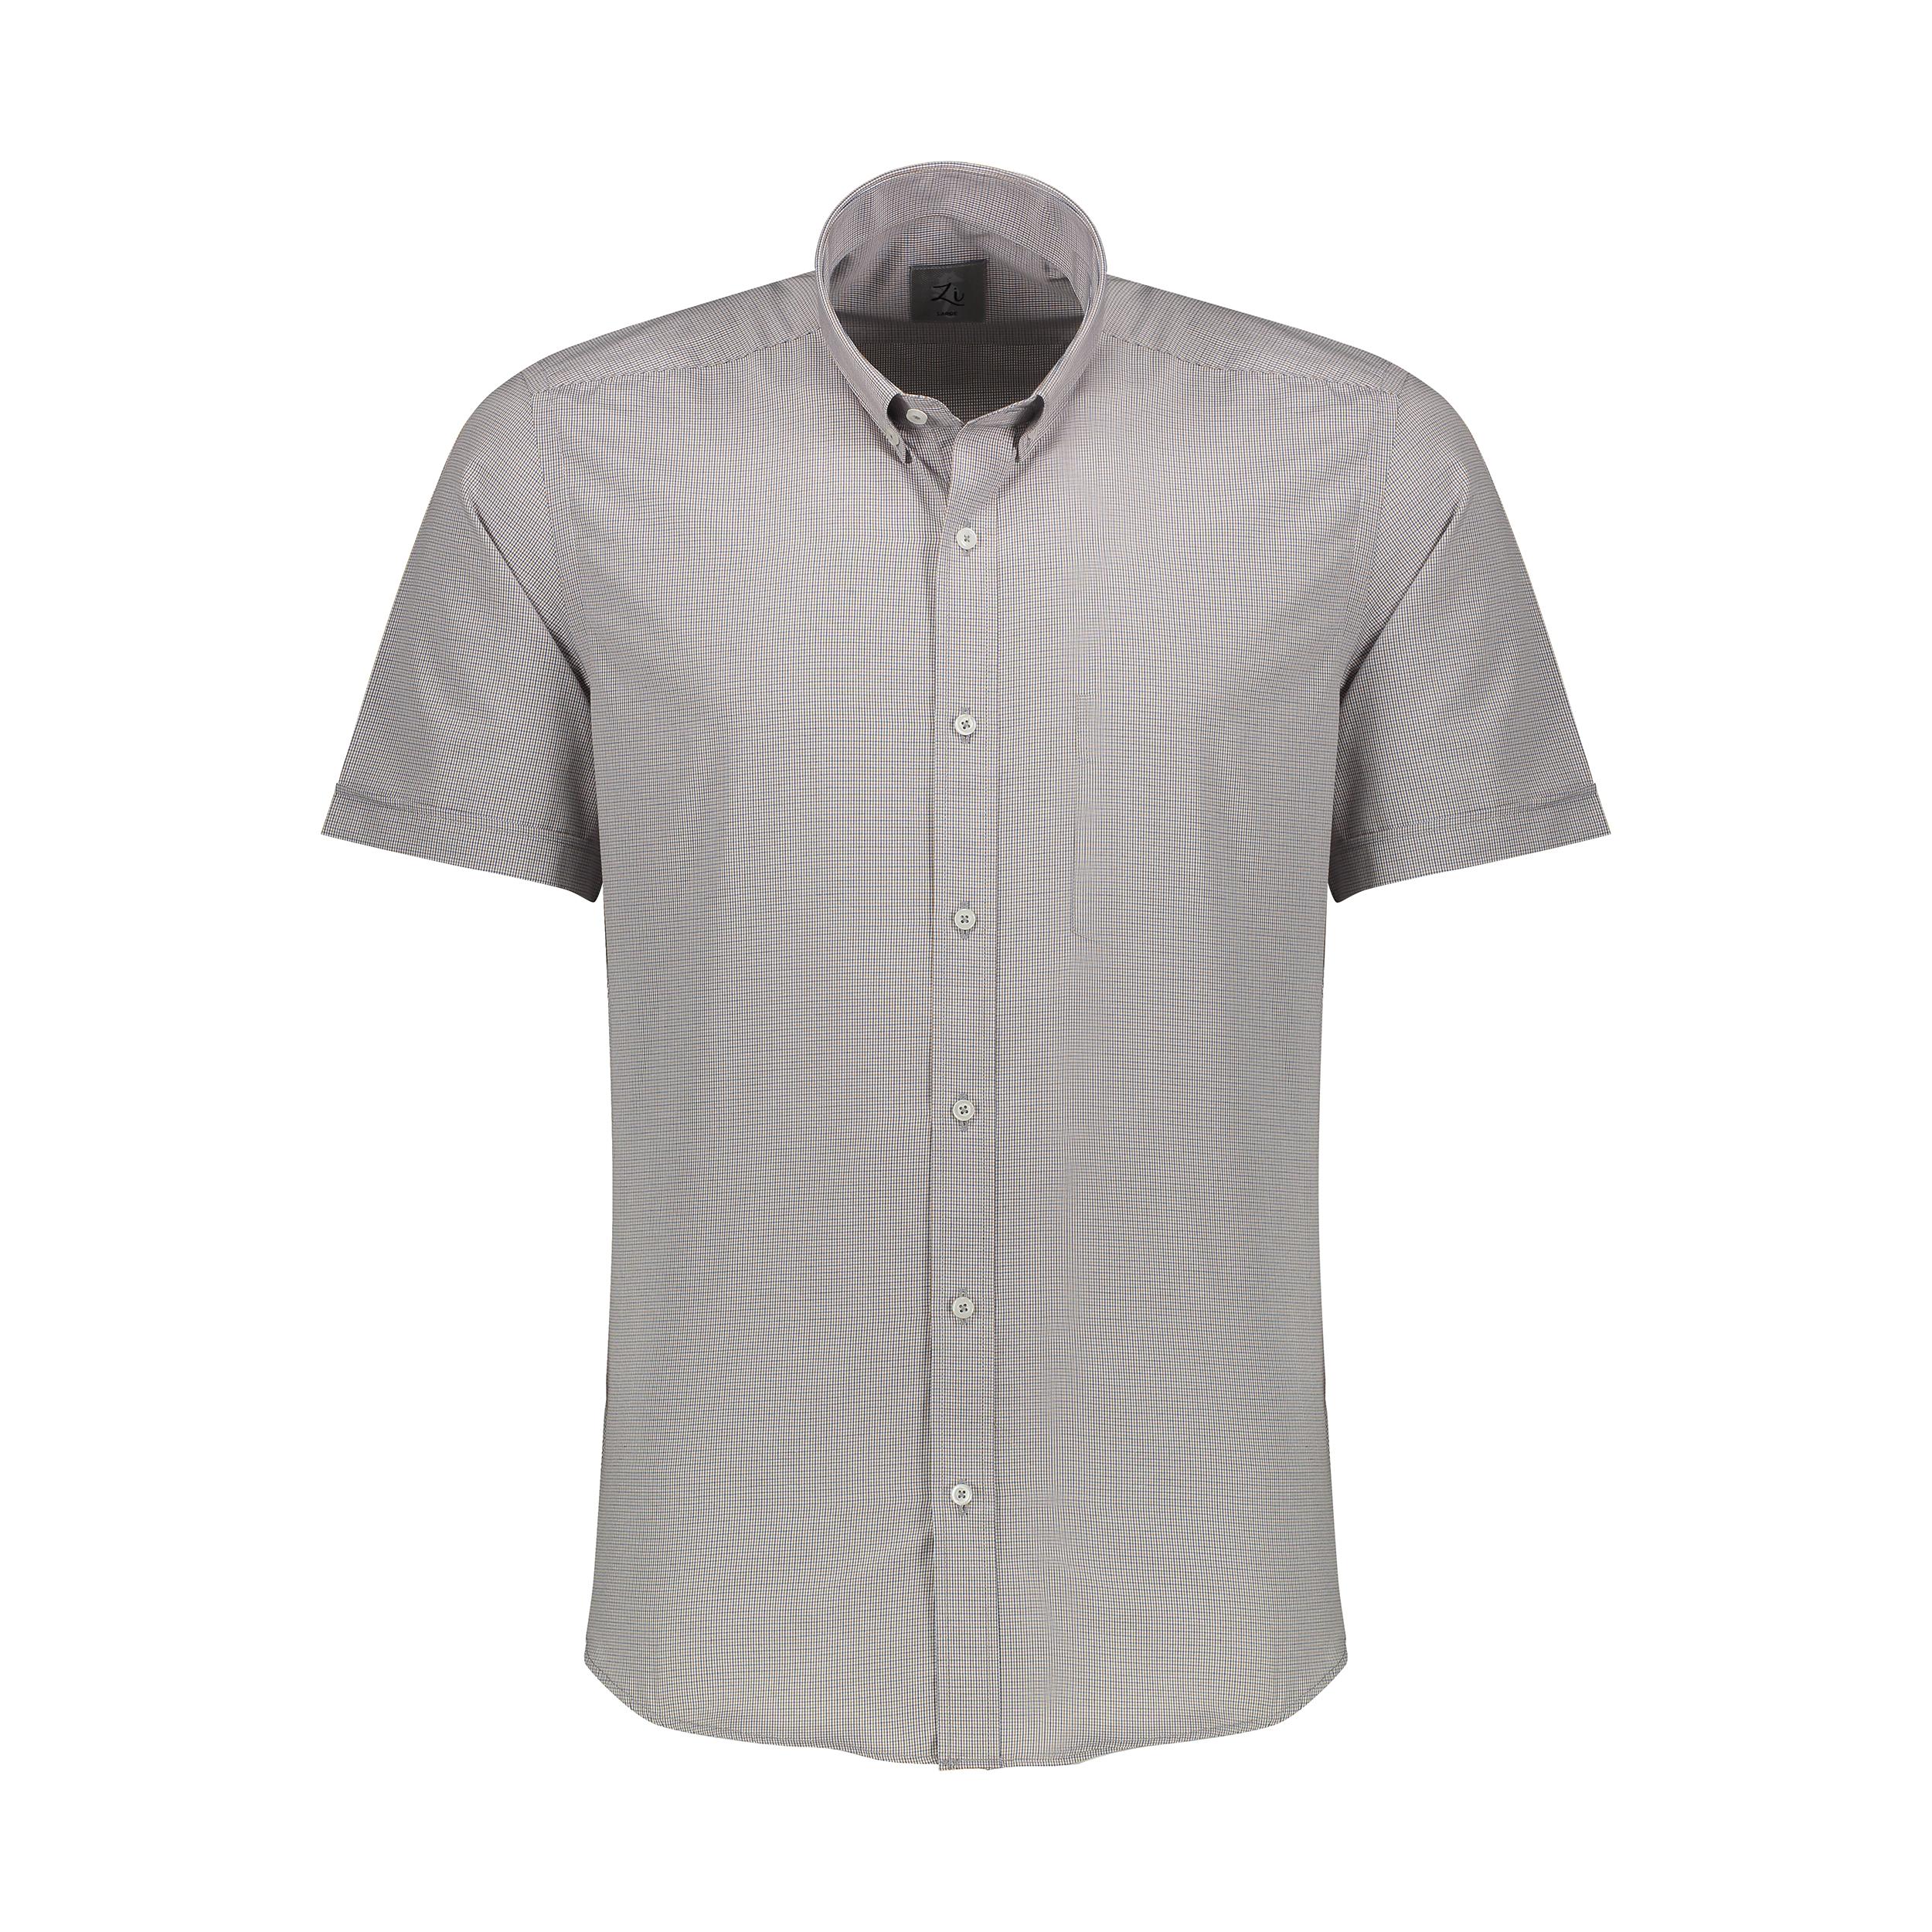 راهنمای خرید پیراهن مردانه زی مدل 15311961459 لیست قیمت